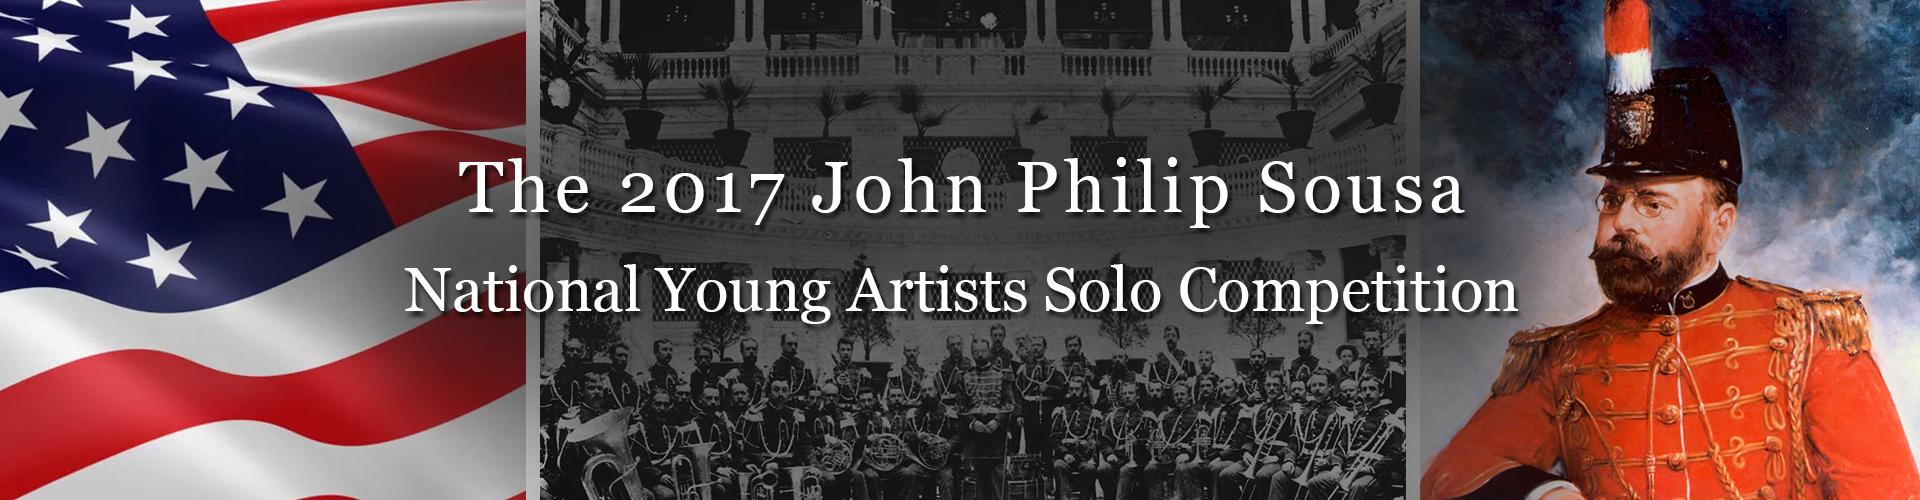 John Philip Sousa NYASC